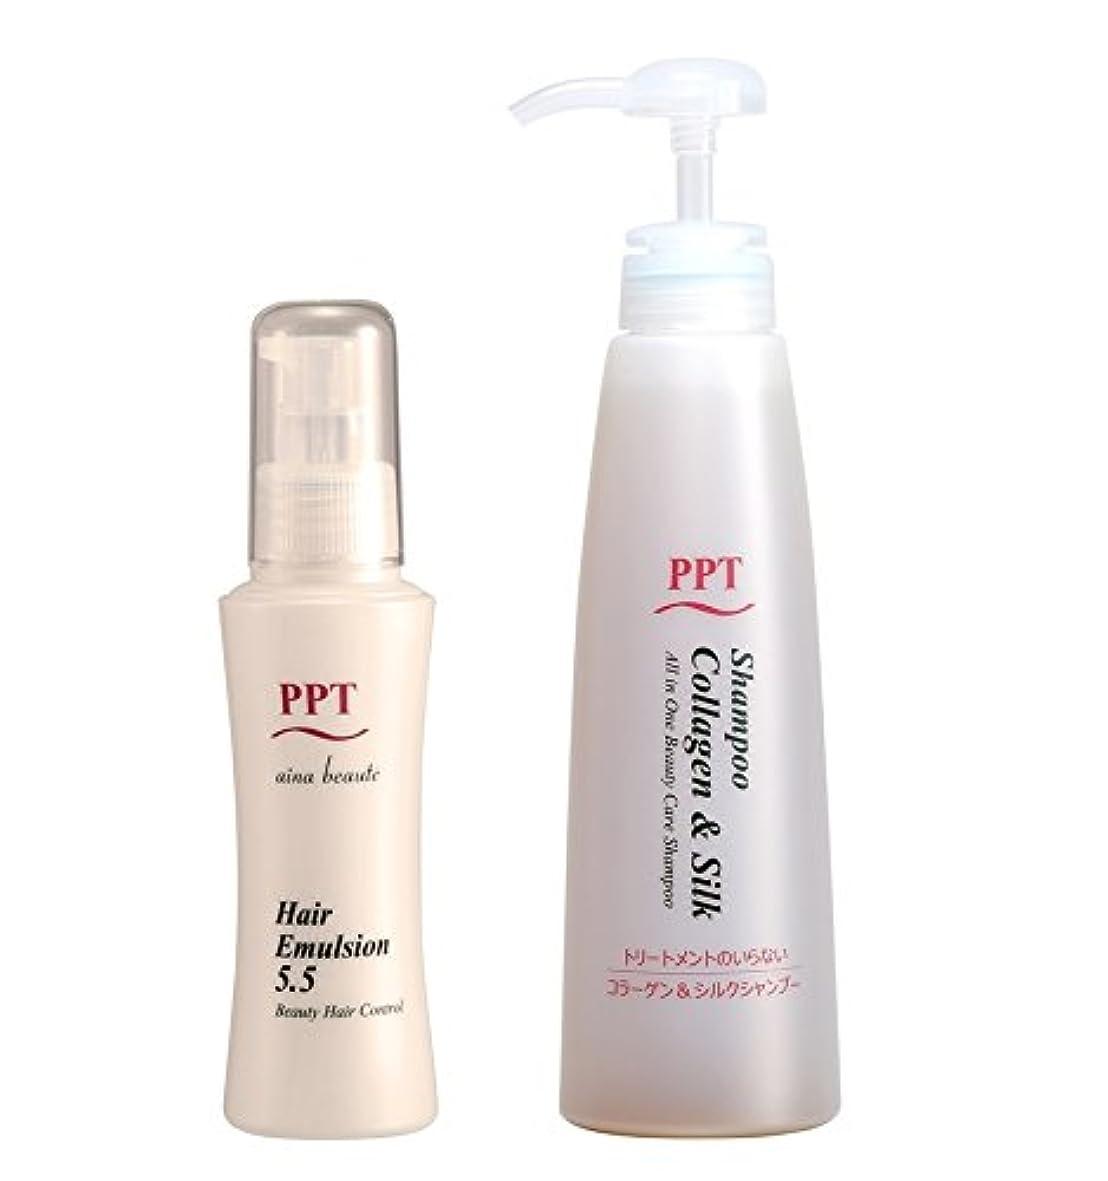 霊浸漬理容師PPTコラーゲン&シルクシャンプー乾燥肌~普通肌用(しっとり),PPTヘアエマルジョン5.5セット